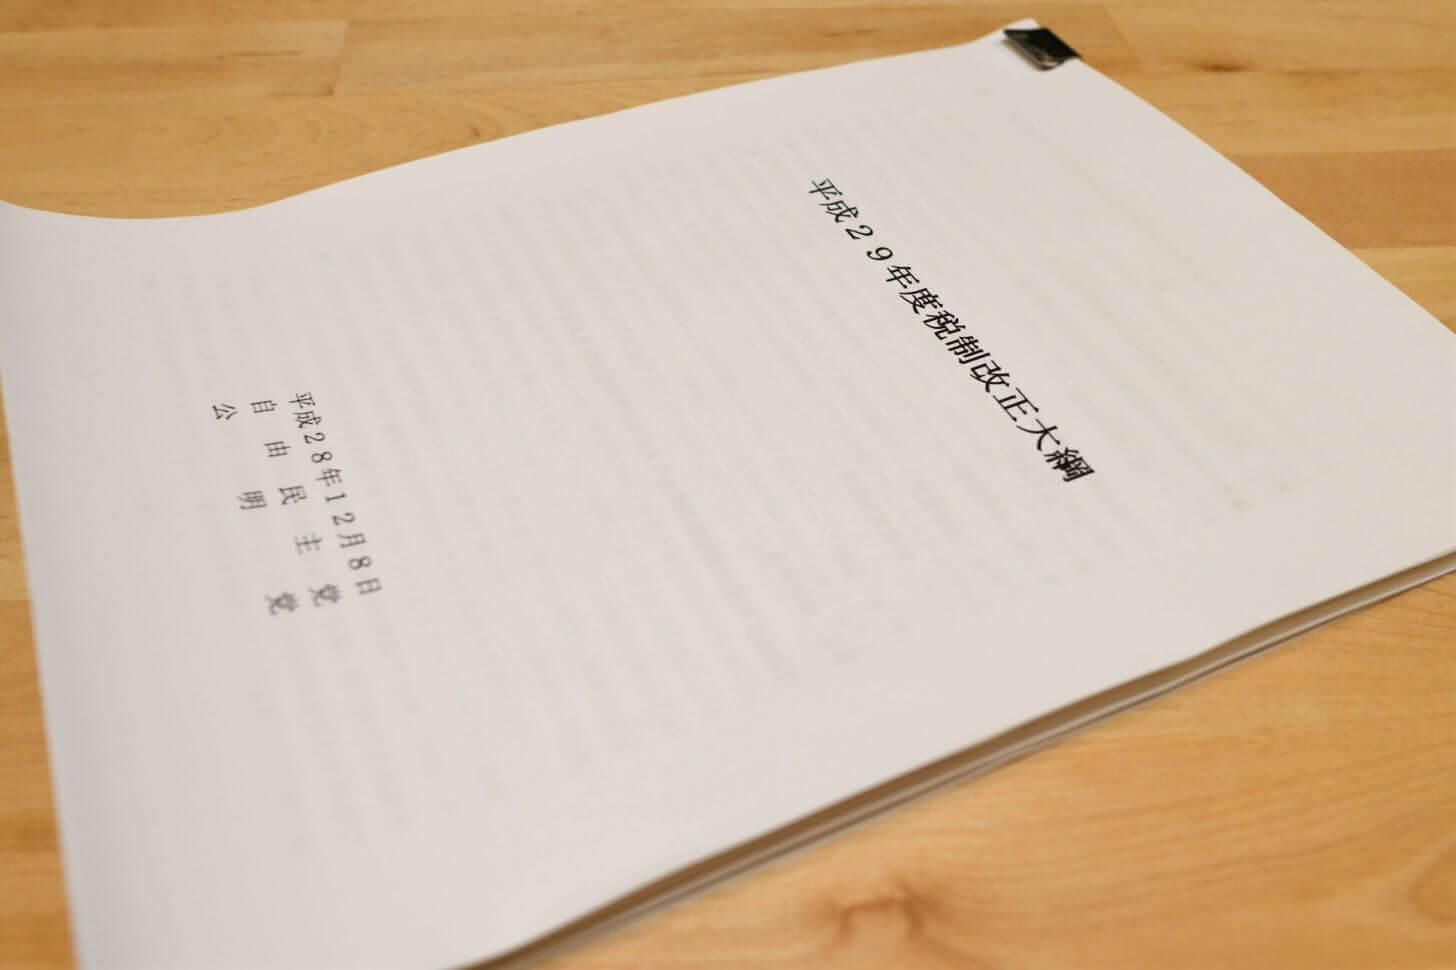 平成29年度税制改正大綱:相続税・贈与税の注目のポイントは?